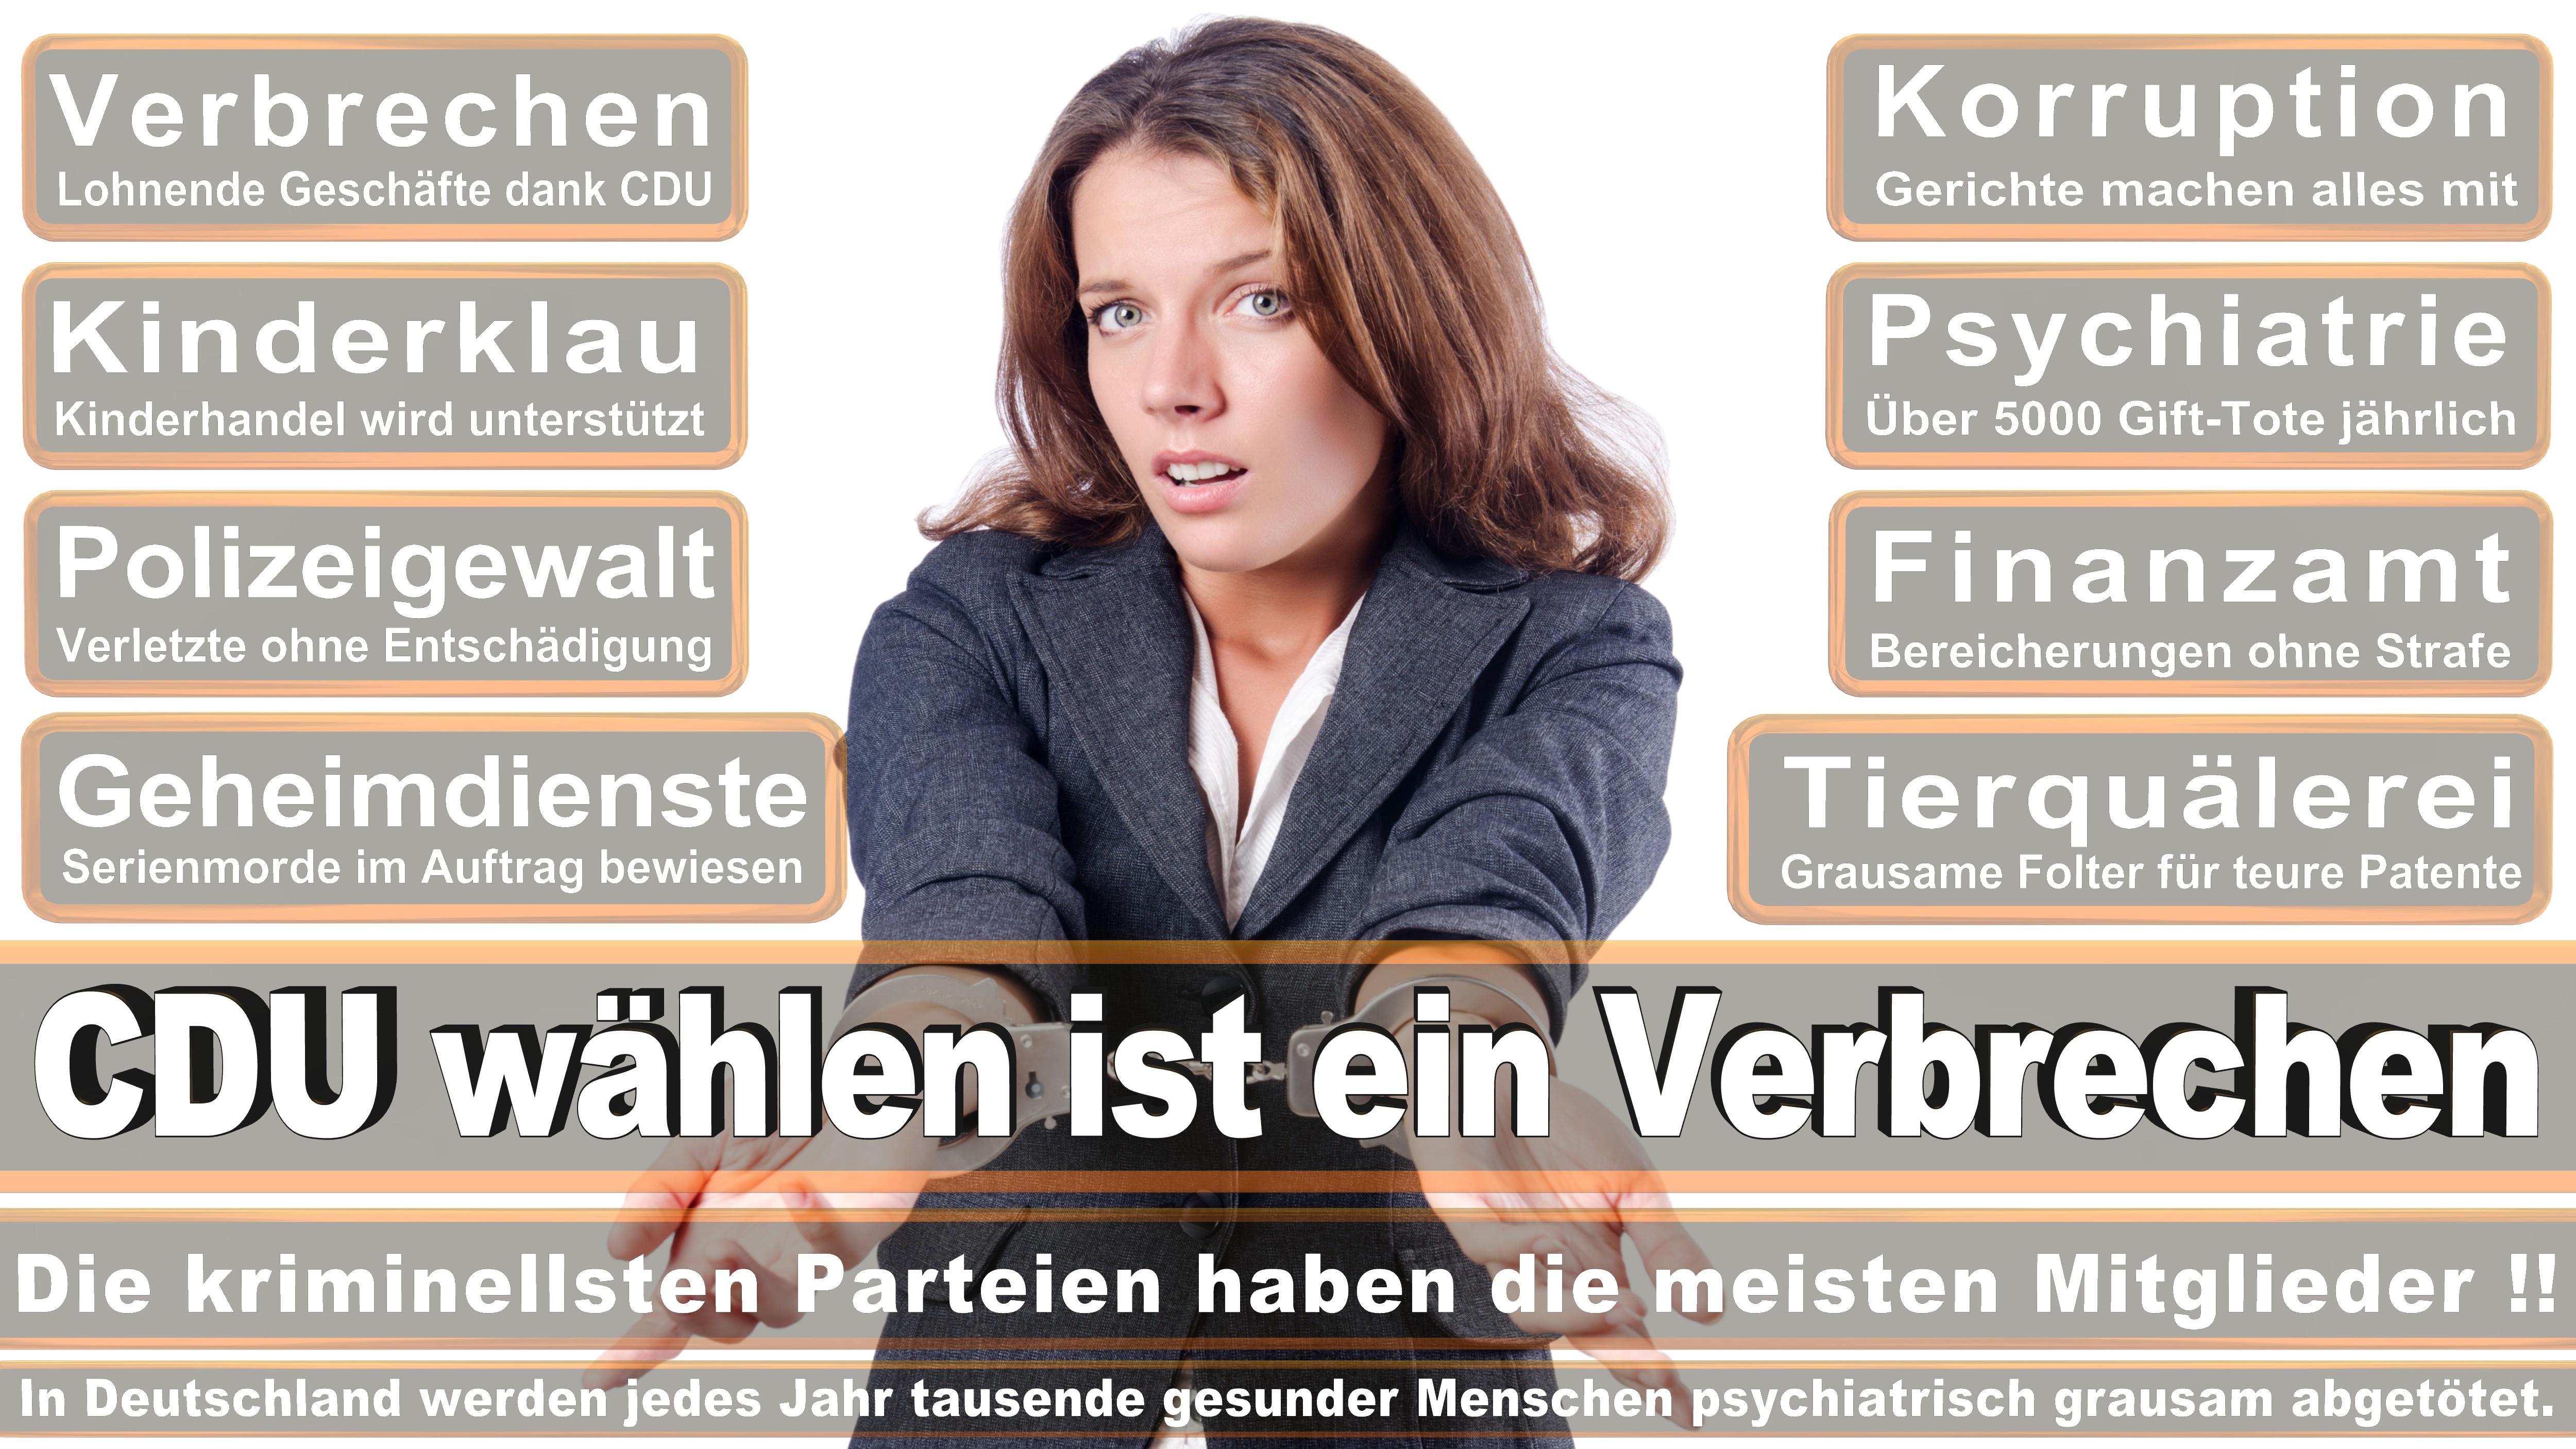 Eckhardt Rehberg CDU CSU Politiker